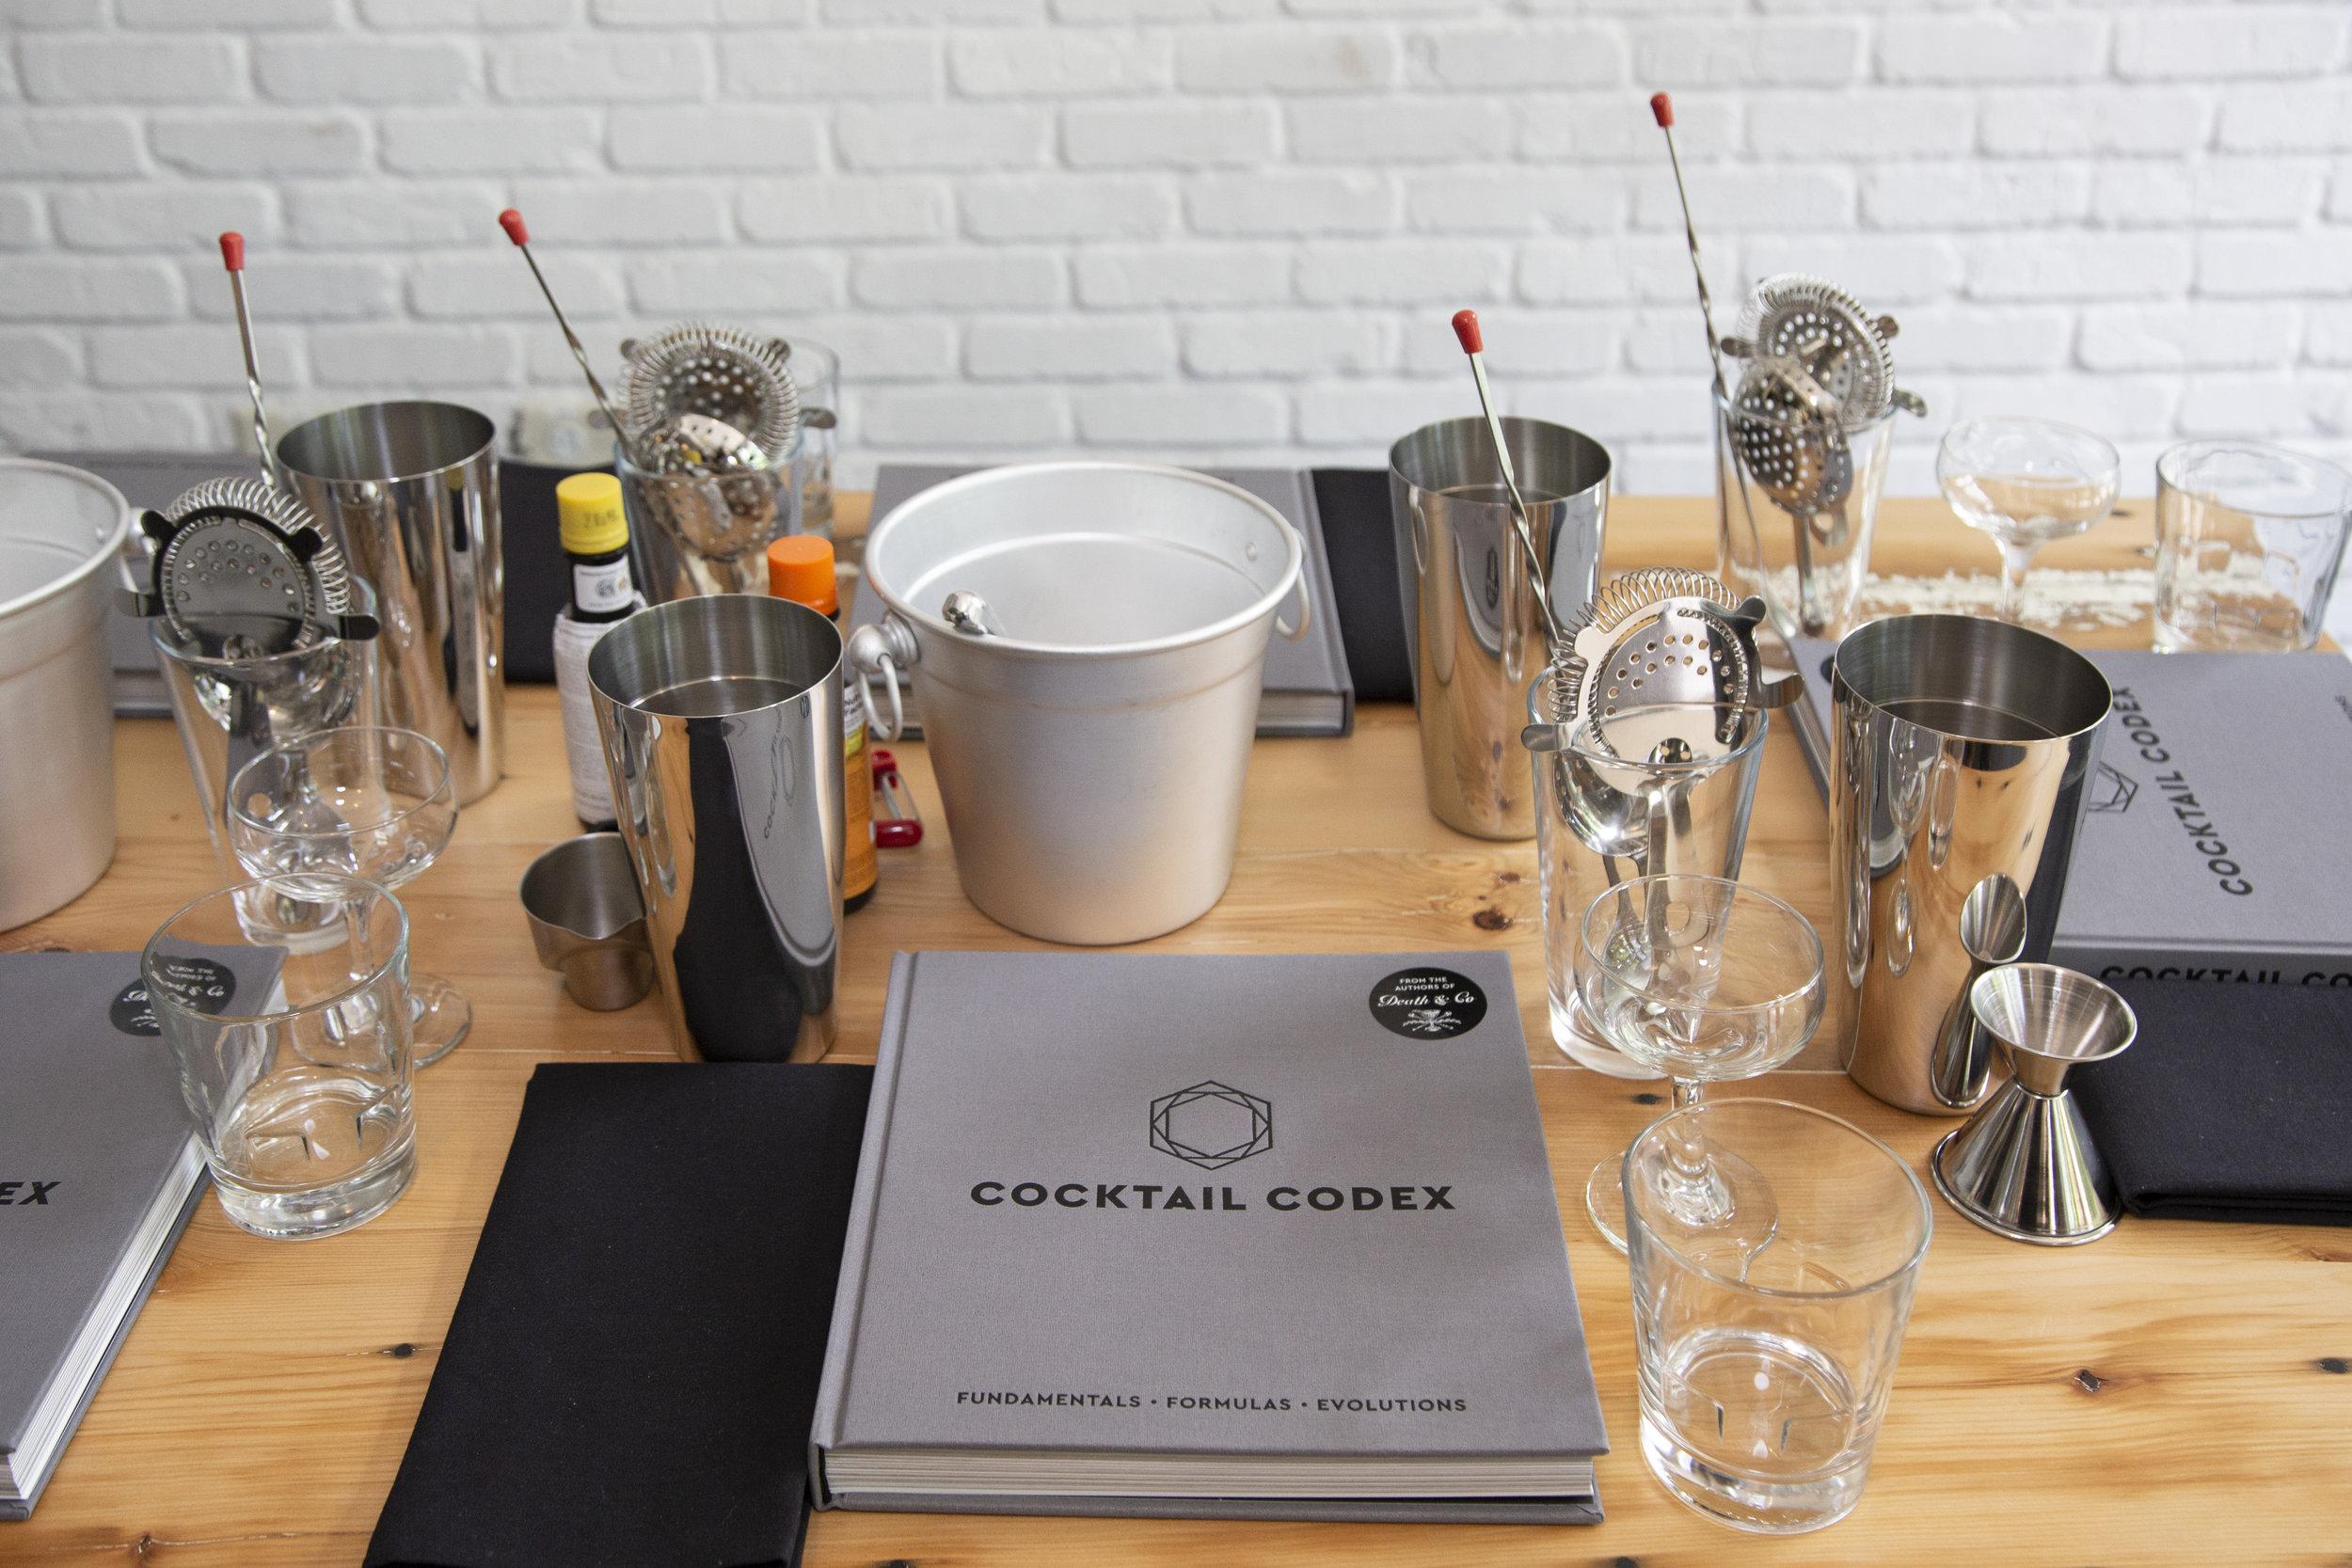 CocktailCodex-3.jpg